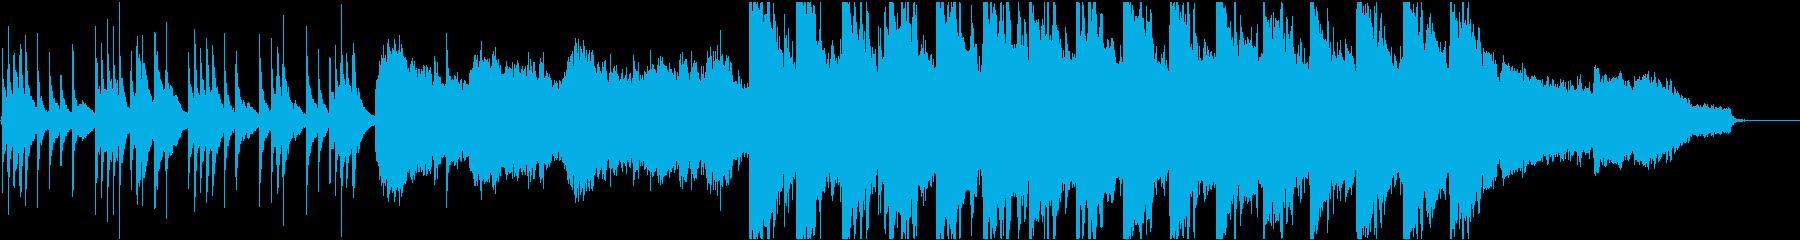 企業VP30 16bit48kHzVerの再生済みの波形